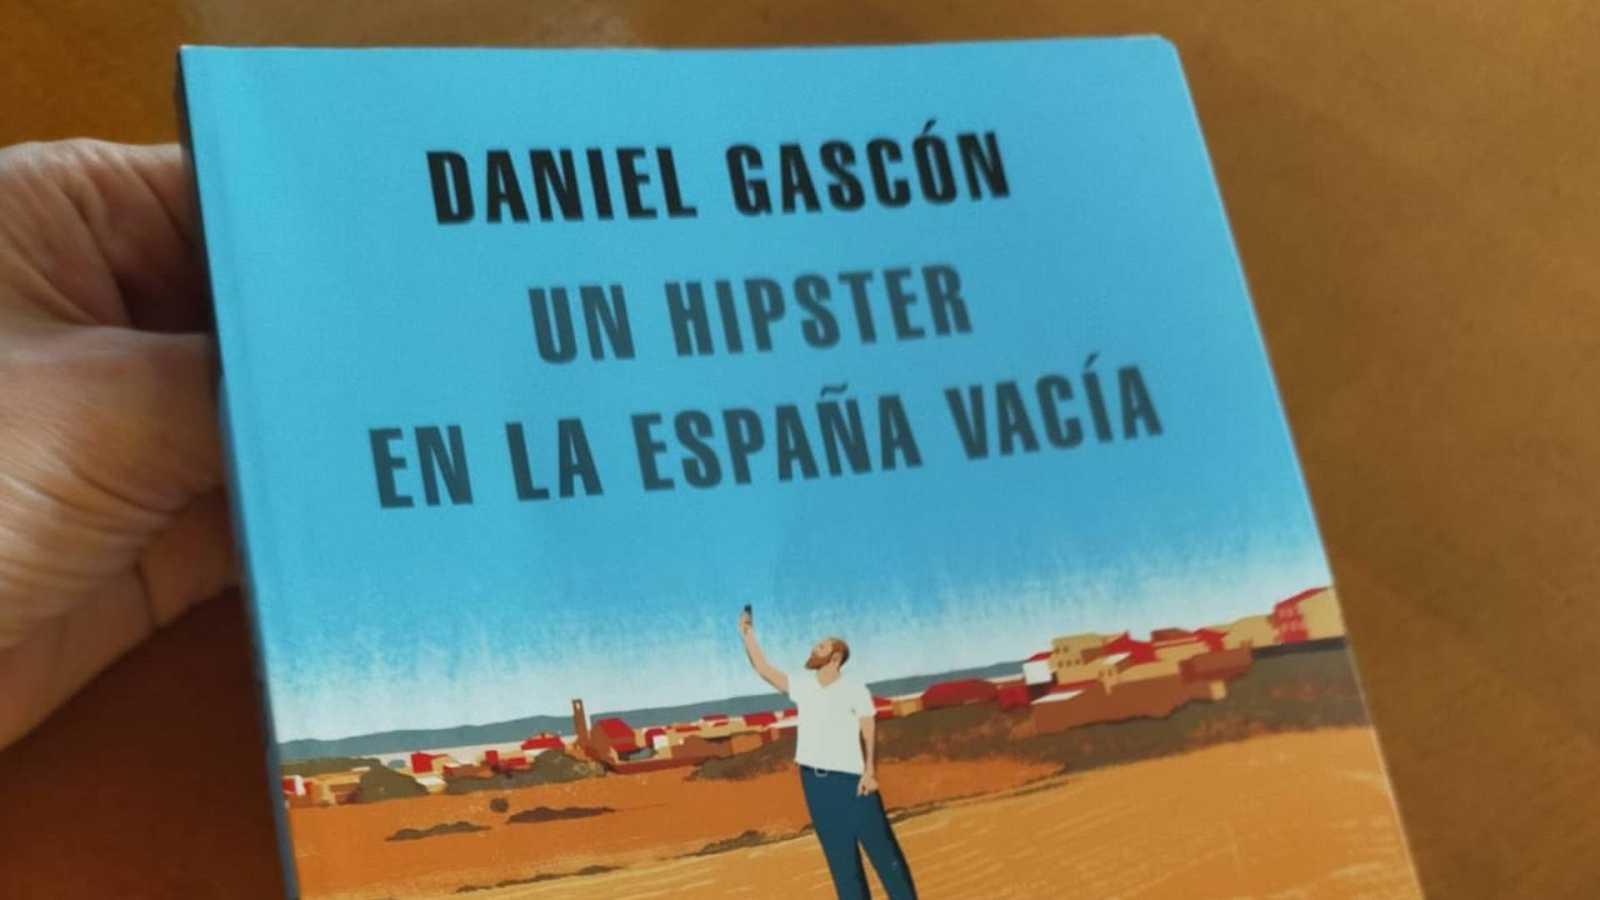 Hoy Empieza Todo Con Marta Echeverría Niños Mutantes Un Hipster En La España Vacía Y Antivacunas 22 06 20 Rtve Es